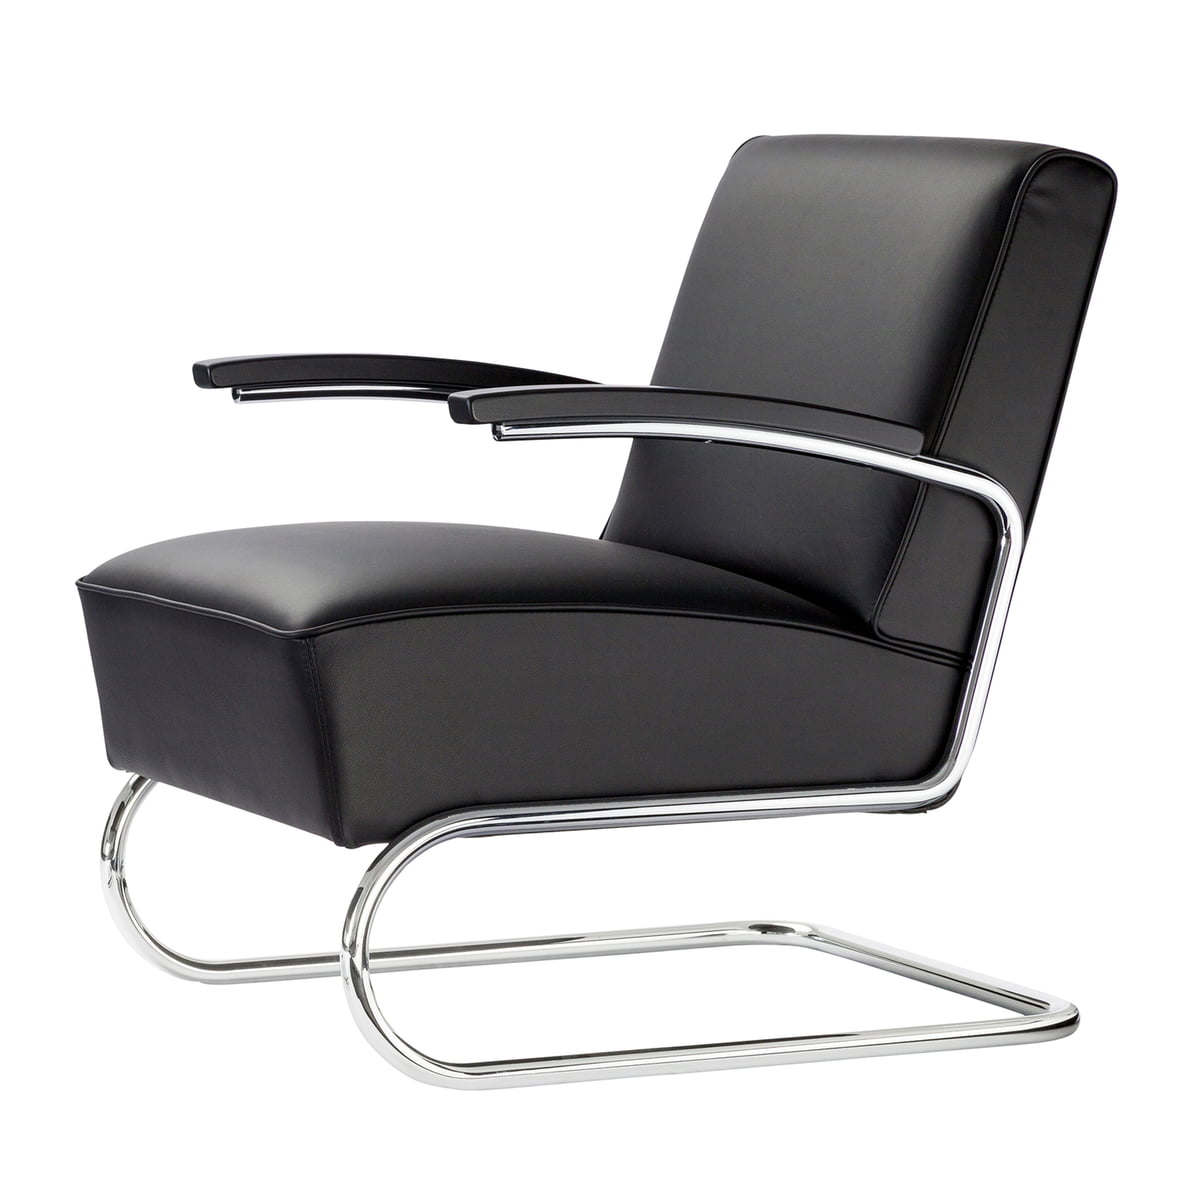 S 411 Sessel Von Thonet Connox Shop Kaufen